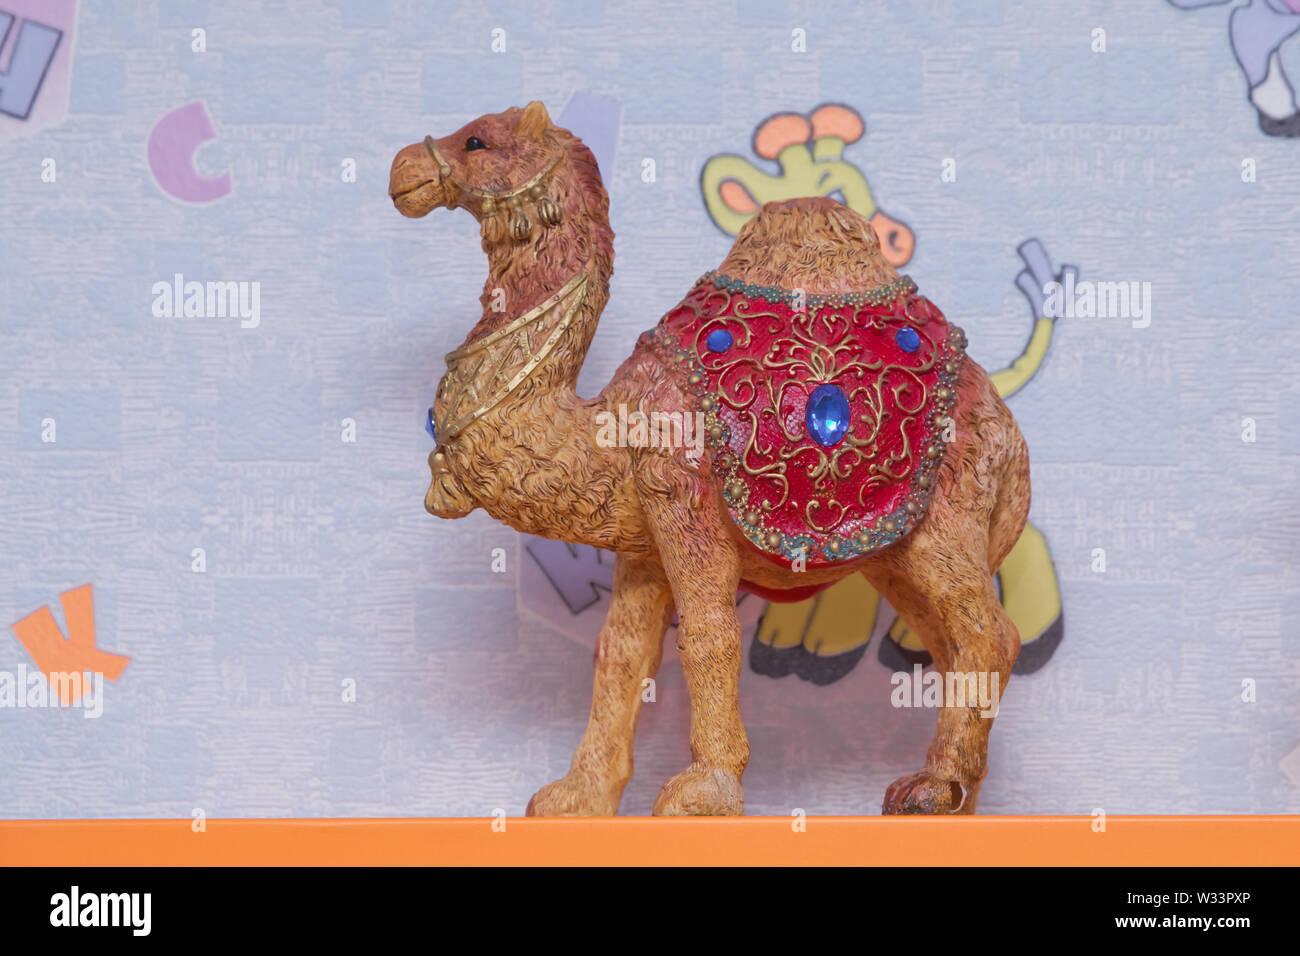 Schöne kamel Souvenir wie in den Souq von Baku, Aserbaidschan Emirate. verziert Kamel verkauft, in der Regel in der indischen Kultur, gebraucht als Souvenir. Stockbild